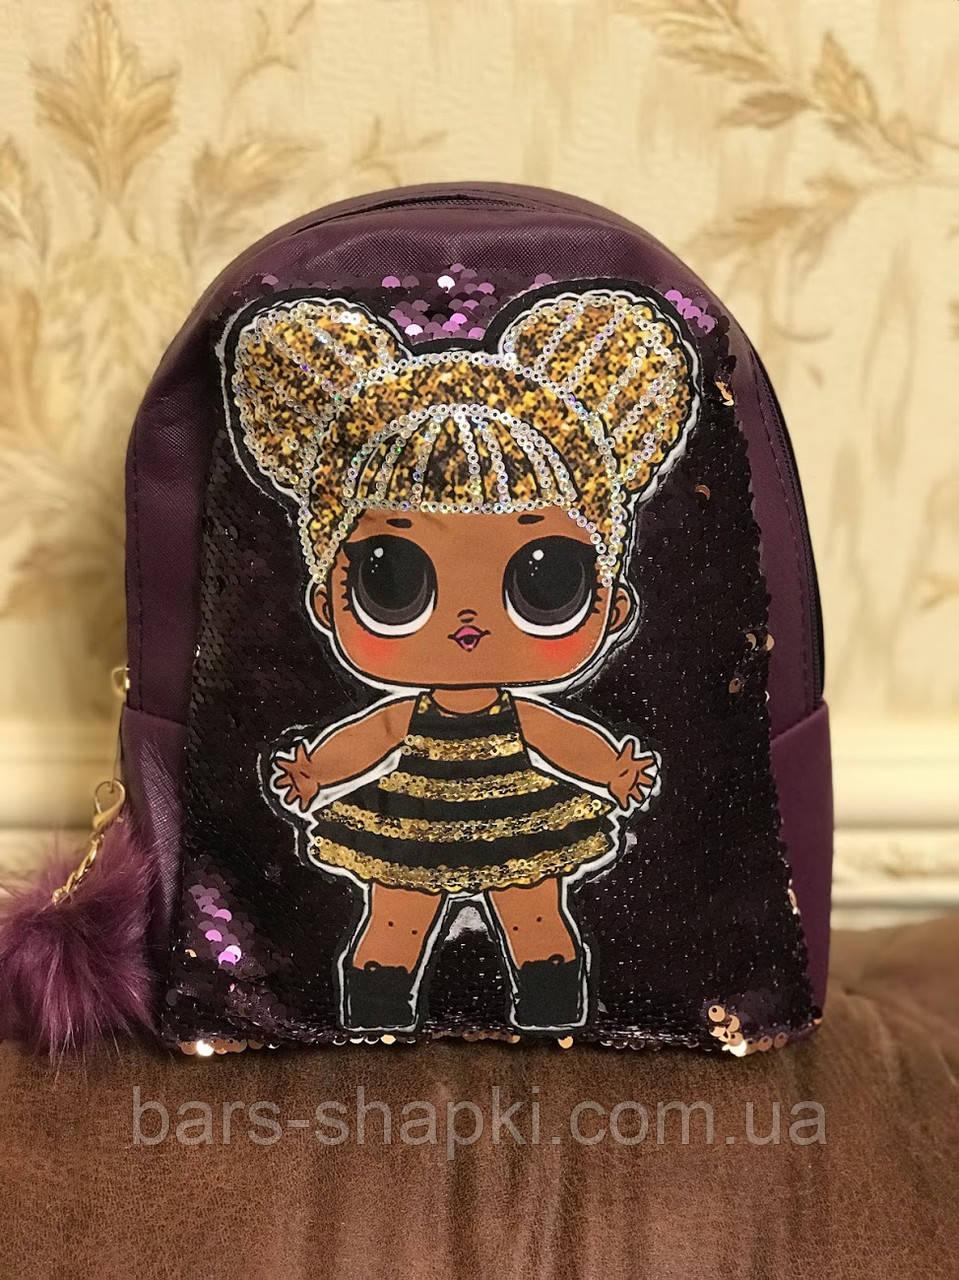 Новинка. Детский рюкзак ЛОЛ, LOL с паетками и меховым помпоном . Опт, Дропшиппинг, Розница